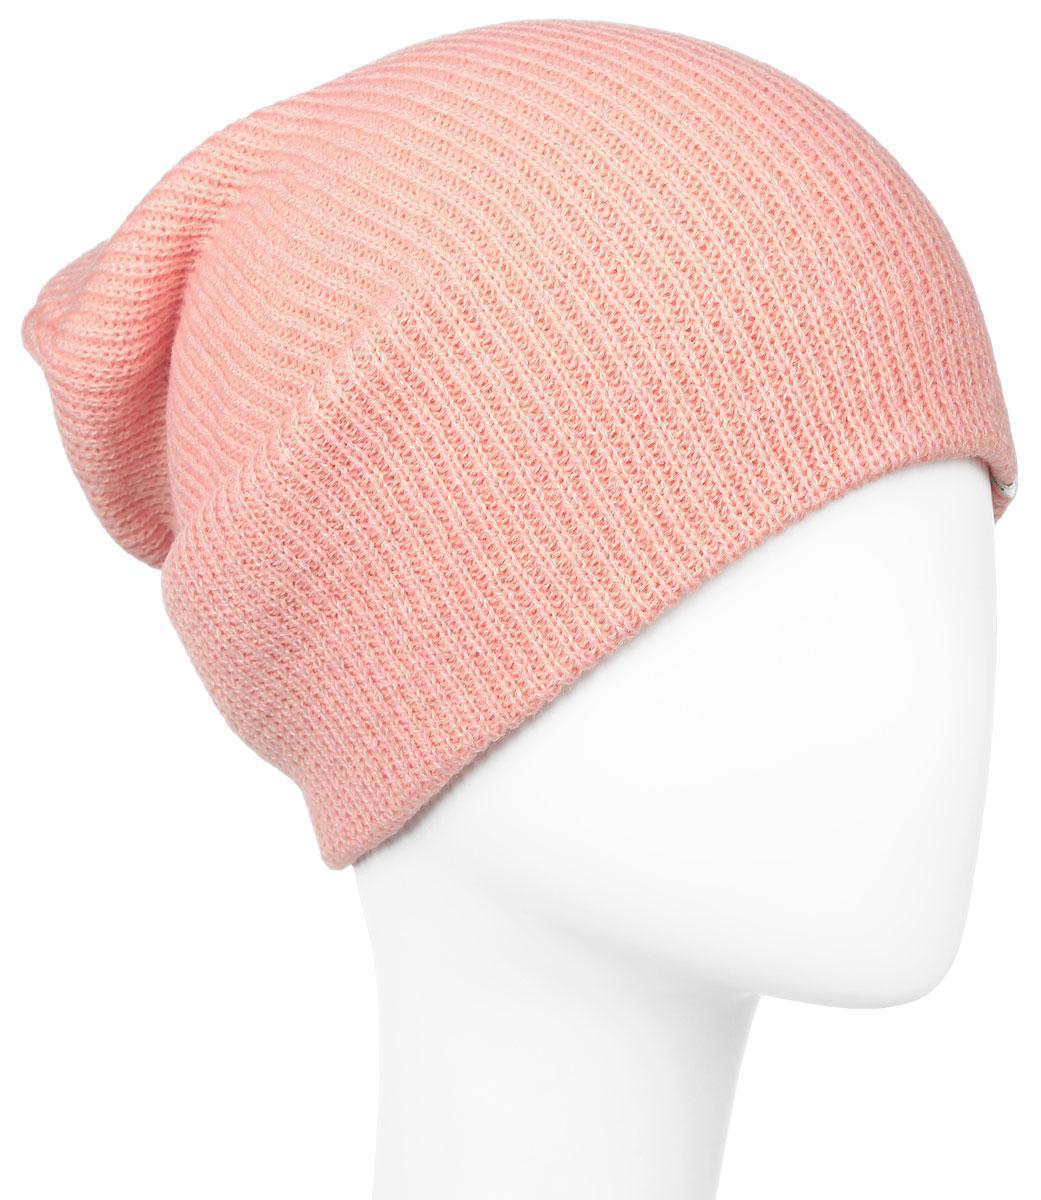 Шапка женская ONeill Bw Chamonix, цвет: розовый. 659128-4061. Размер универсальный659128-4061Удлиненная женская спортивная шапка ONeill Bw Chamonix выполнена из 100% акрила. Модель связана резинкой и превосходно тянется.